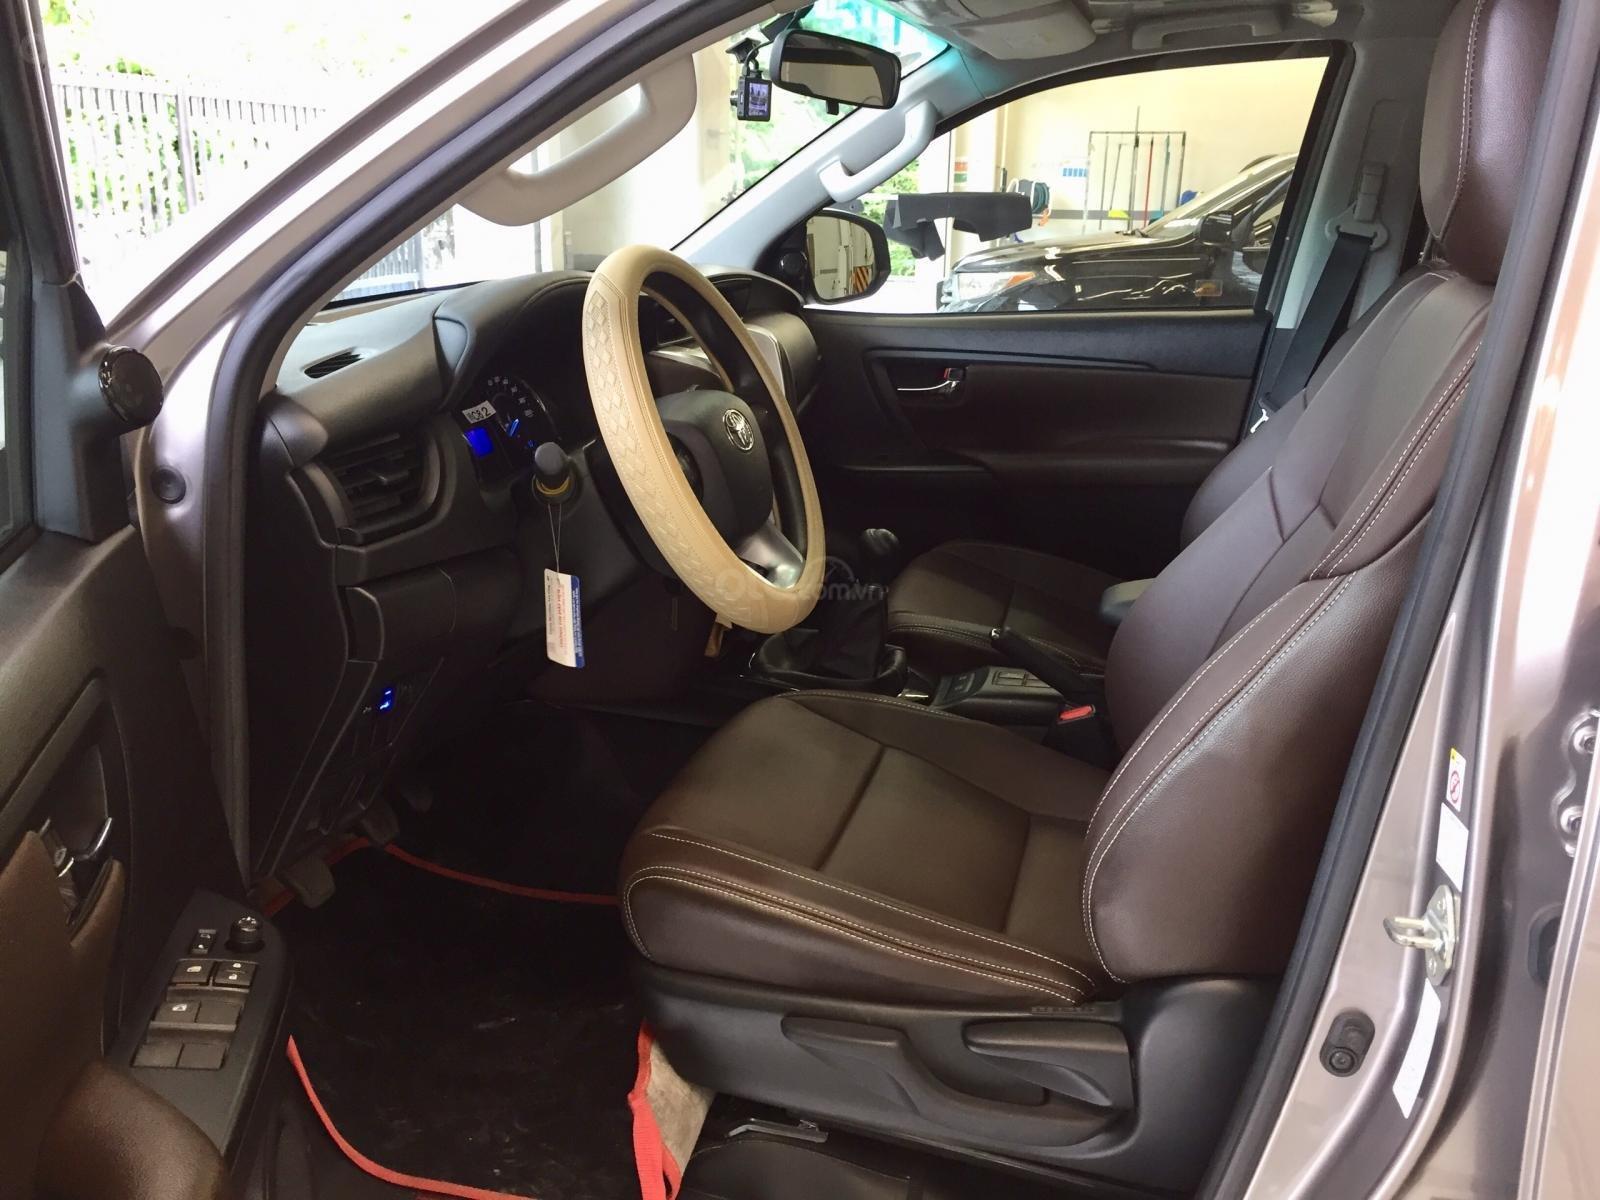 Thanh lý xe Toyota Fortuner 2.4G MT 2019, màu đồng, xe đi được đi 8.700km - xe chất giá tốt (7)